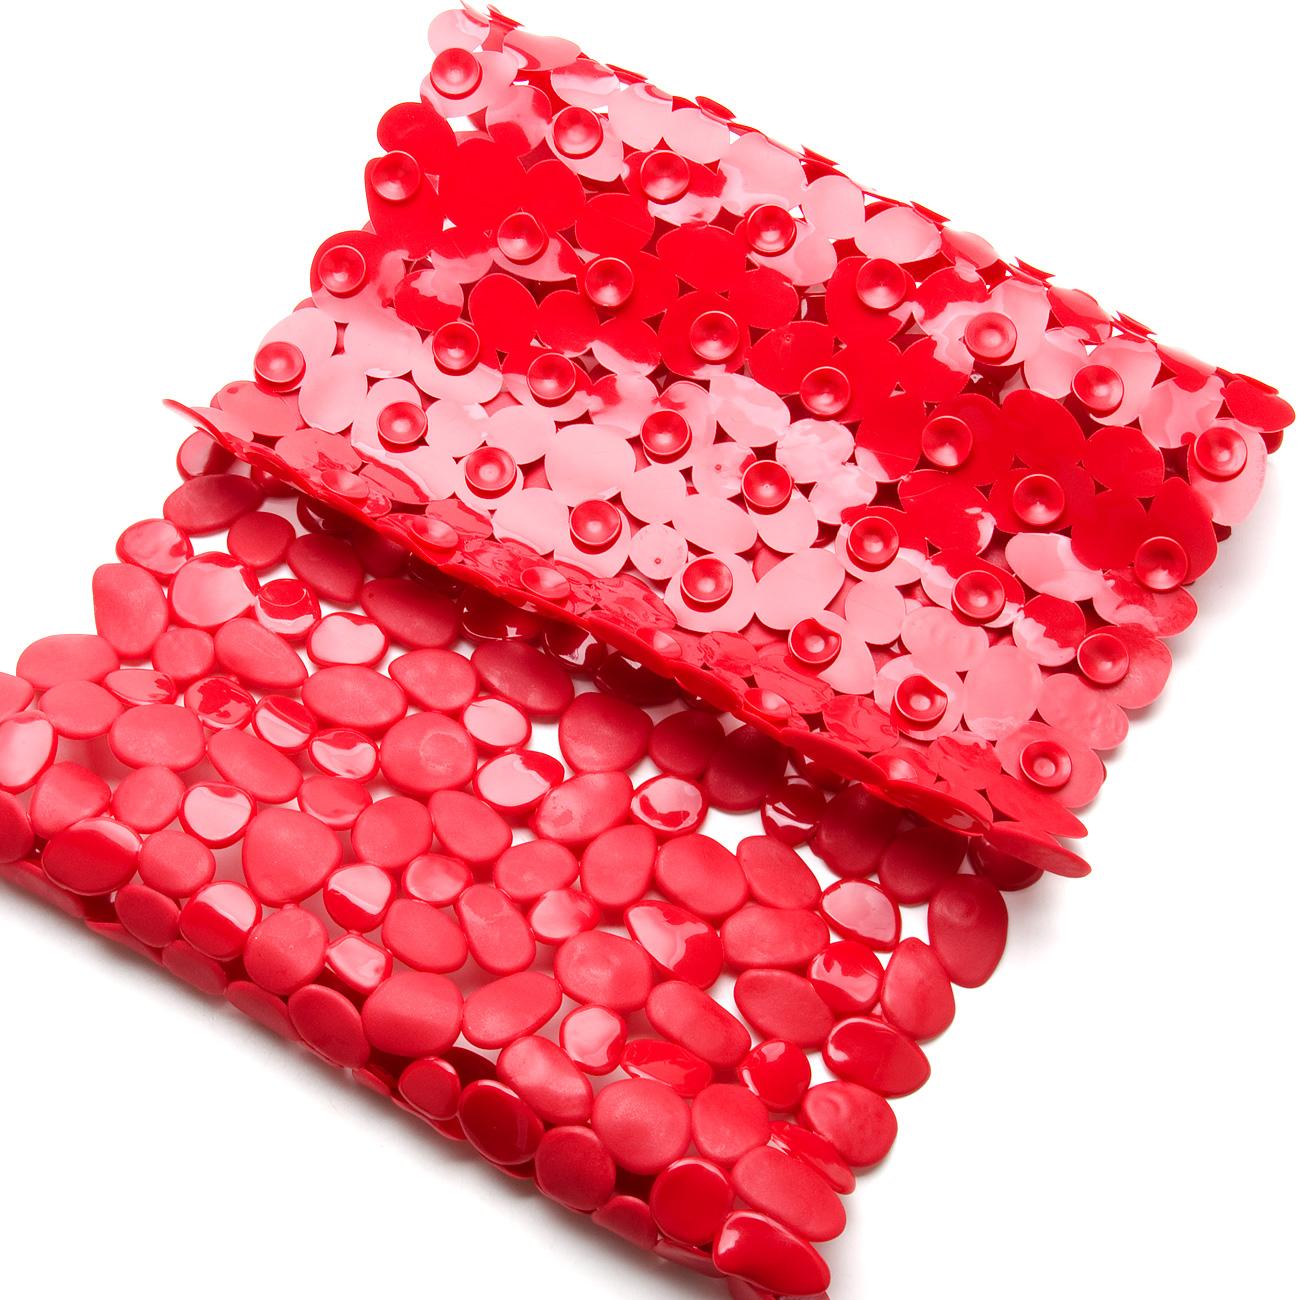 Коврик для ванной комнаты Aqva Line Бордо, цвет: бордовый, 70 х 35 см. 13030511303048Противоскользящий резиновый коврик на присосках имеет множество плюсов: он не деформируется, устойчив к воздействию бытовой химии, плотный, легко моется, в отличие от ПВХ и акрила не впитывает воду и очень быстро высыхает при ее попадании, не скользит по гладкой поверхности, сводя опасность упасть, поскользнувшись, к минимуму. Коврик также незаменим при купании пожилых людей или детей, так как для более безопасного купания его можно положить на дно ванны. Коврик с резиновыми присосками на нижней стороне, особенно удобен, так как эти присоски позволяют надежно зафиксировать коврик на любой гладкой поверхности, будь то кафельная плитка на полу или гладкое покрытие ванны. Специальный массажный эффект, достигающийся за счет его текстуры, подарит ощущение комфорта. Также, у нас вы сможете подобрать к нему шторы для ванной и все необходимые аксессуары, выдержанные в той же цветовой гамме.